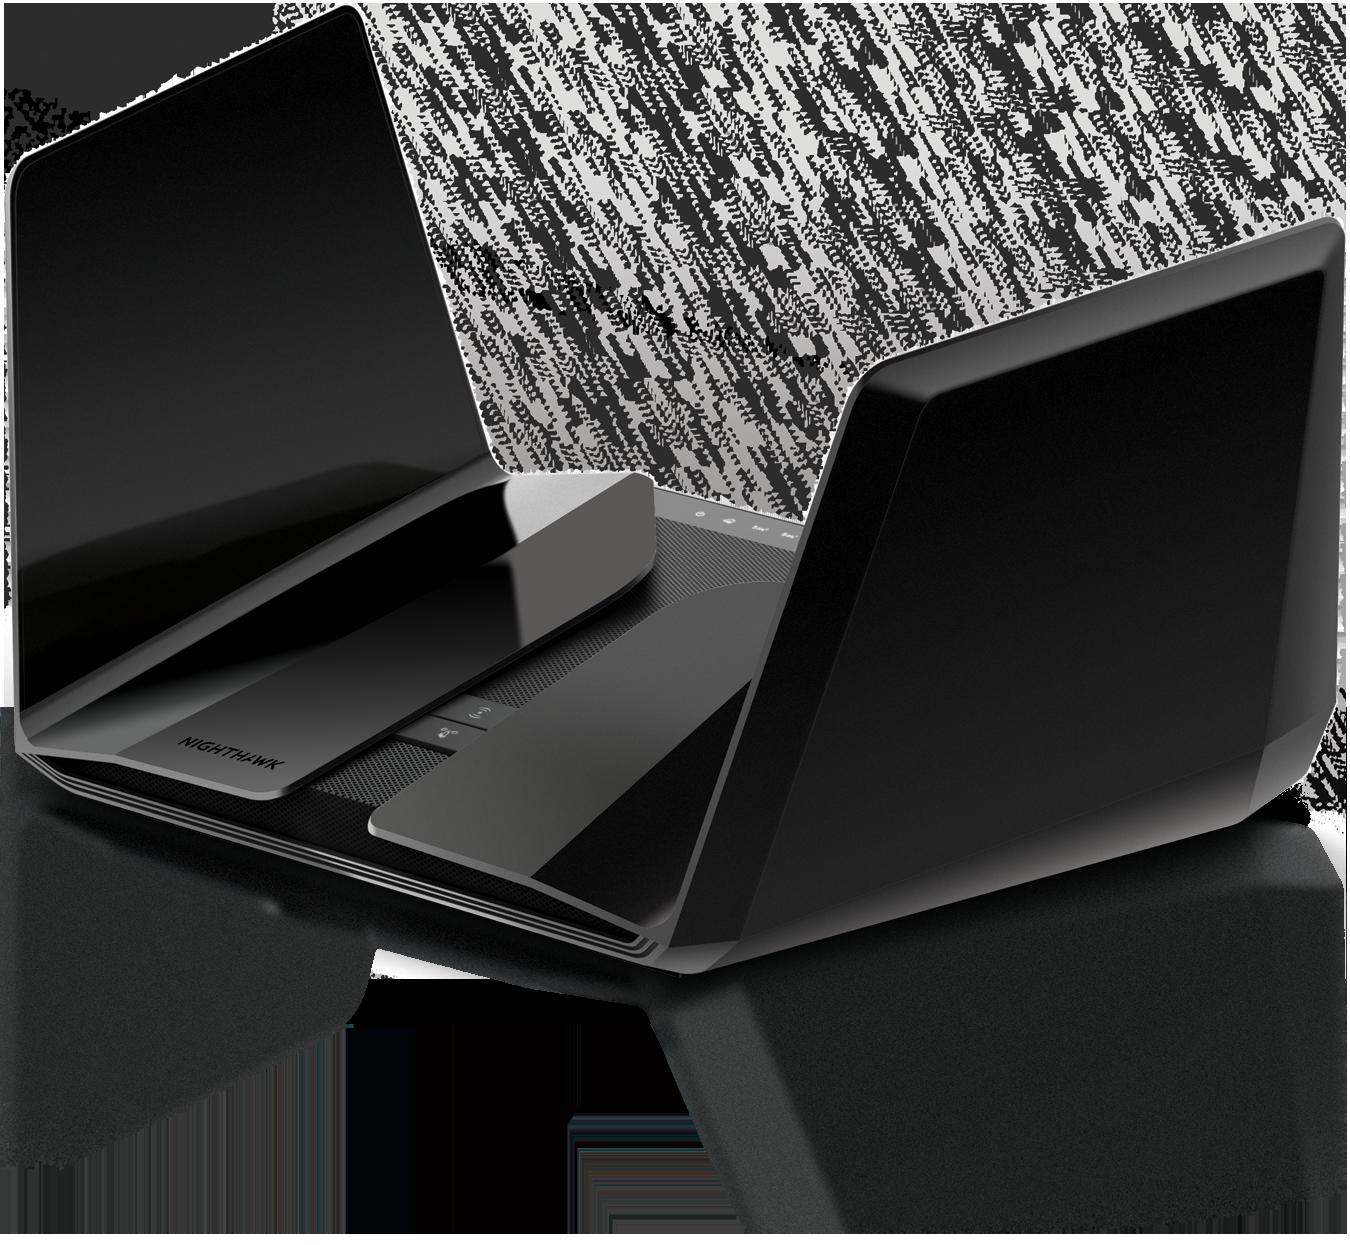 Netgear-Nighthawk-AX12-Neuer-WiFi-Router-mit-5-GBit-Ethernet-und-futuristischem-Design-vorgestellt